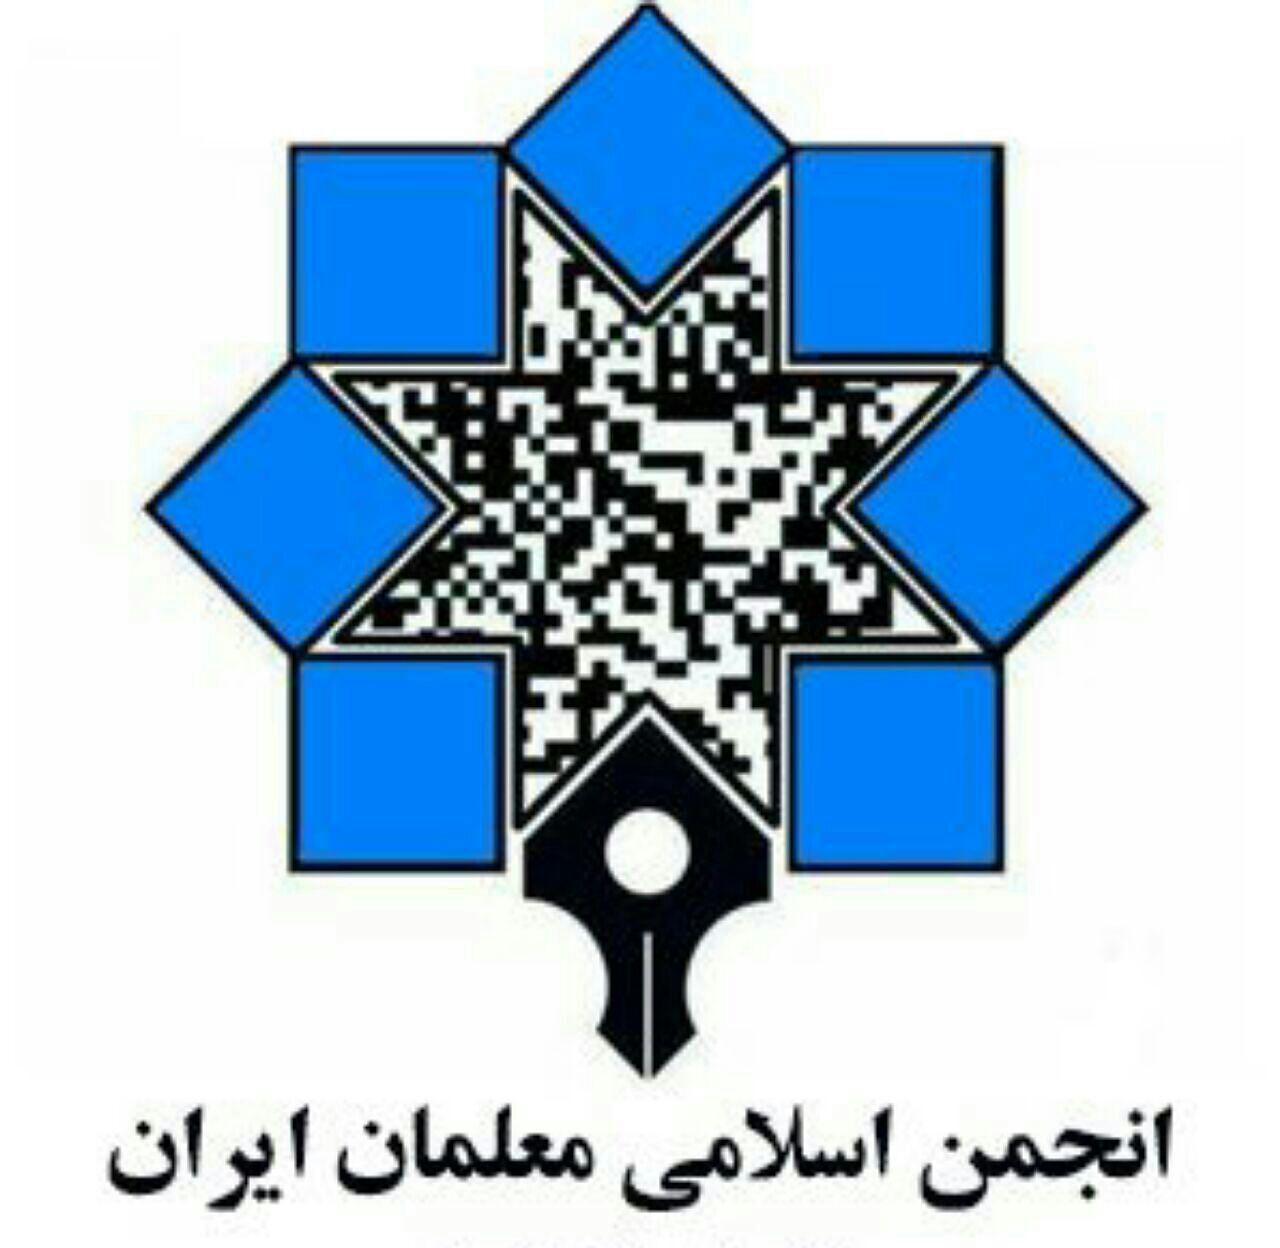 انجمن اسلامی معلمان سبزوار ۲۱ جلسه در خصوص انتخابات مجلس برگزار کرده است